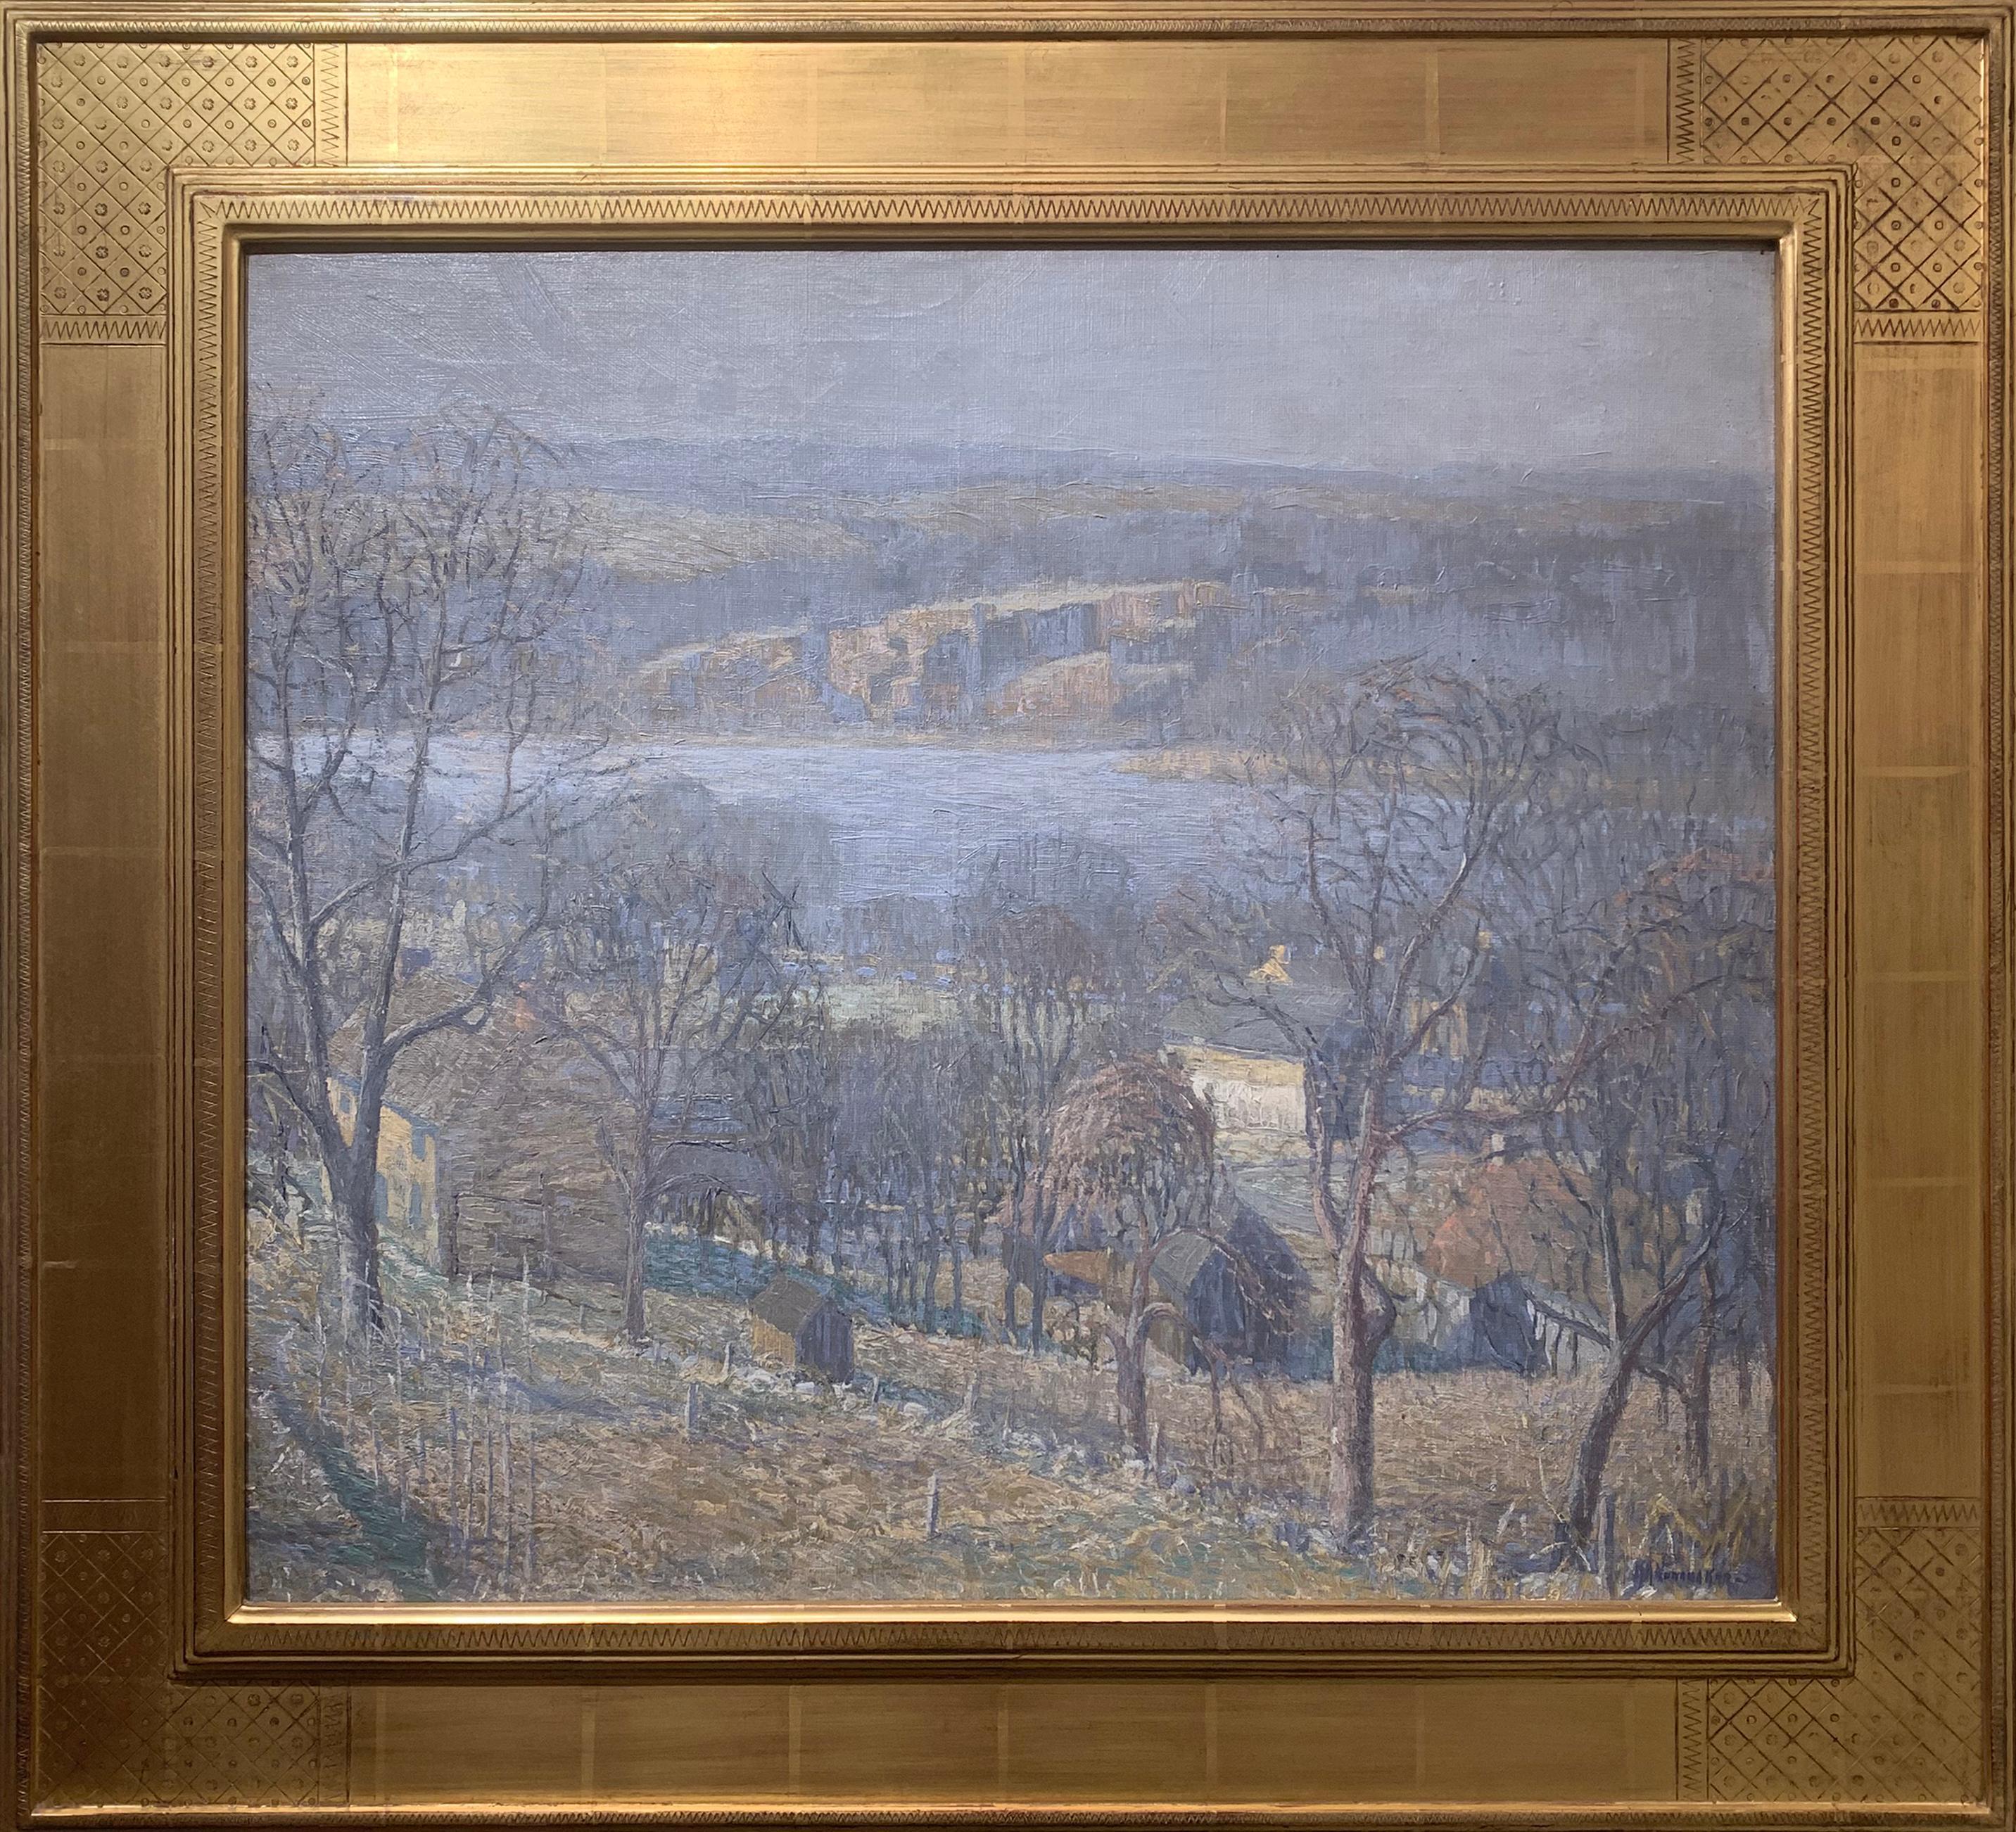 Delaware River View, Pennsylvania Impressionist Landscape, Center Bridge